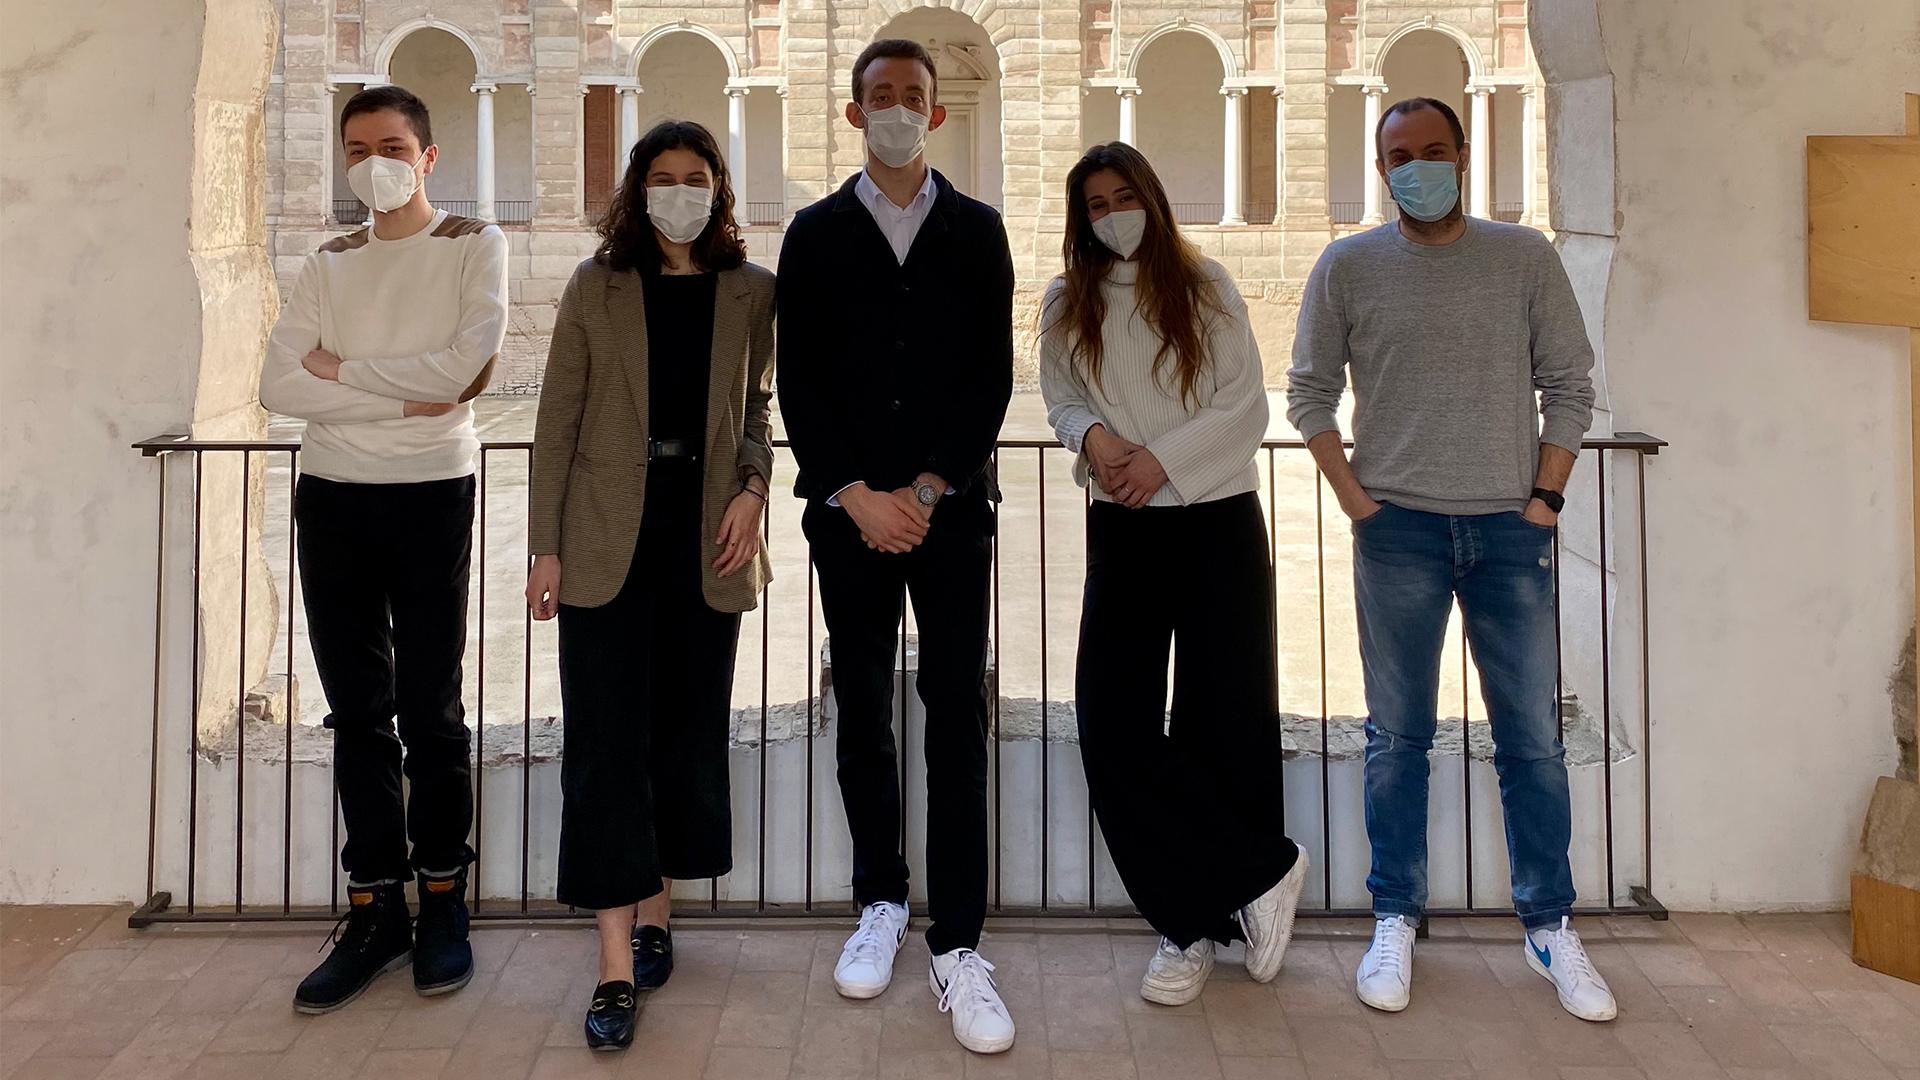 """Nasce il primo """"Global Shapers Hub"""" dell'Emilia-Romagna nel Laboratorio Aperto dei Chiostri di San Pietro"""